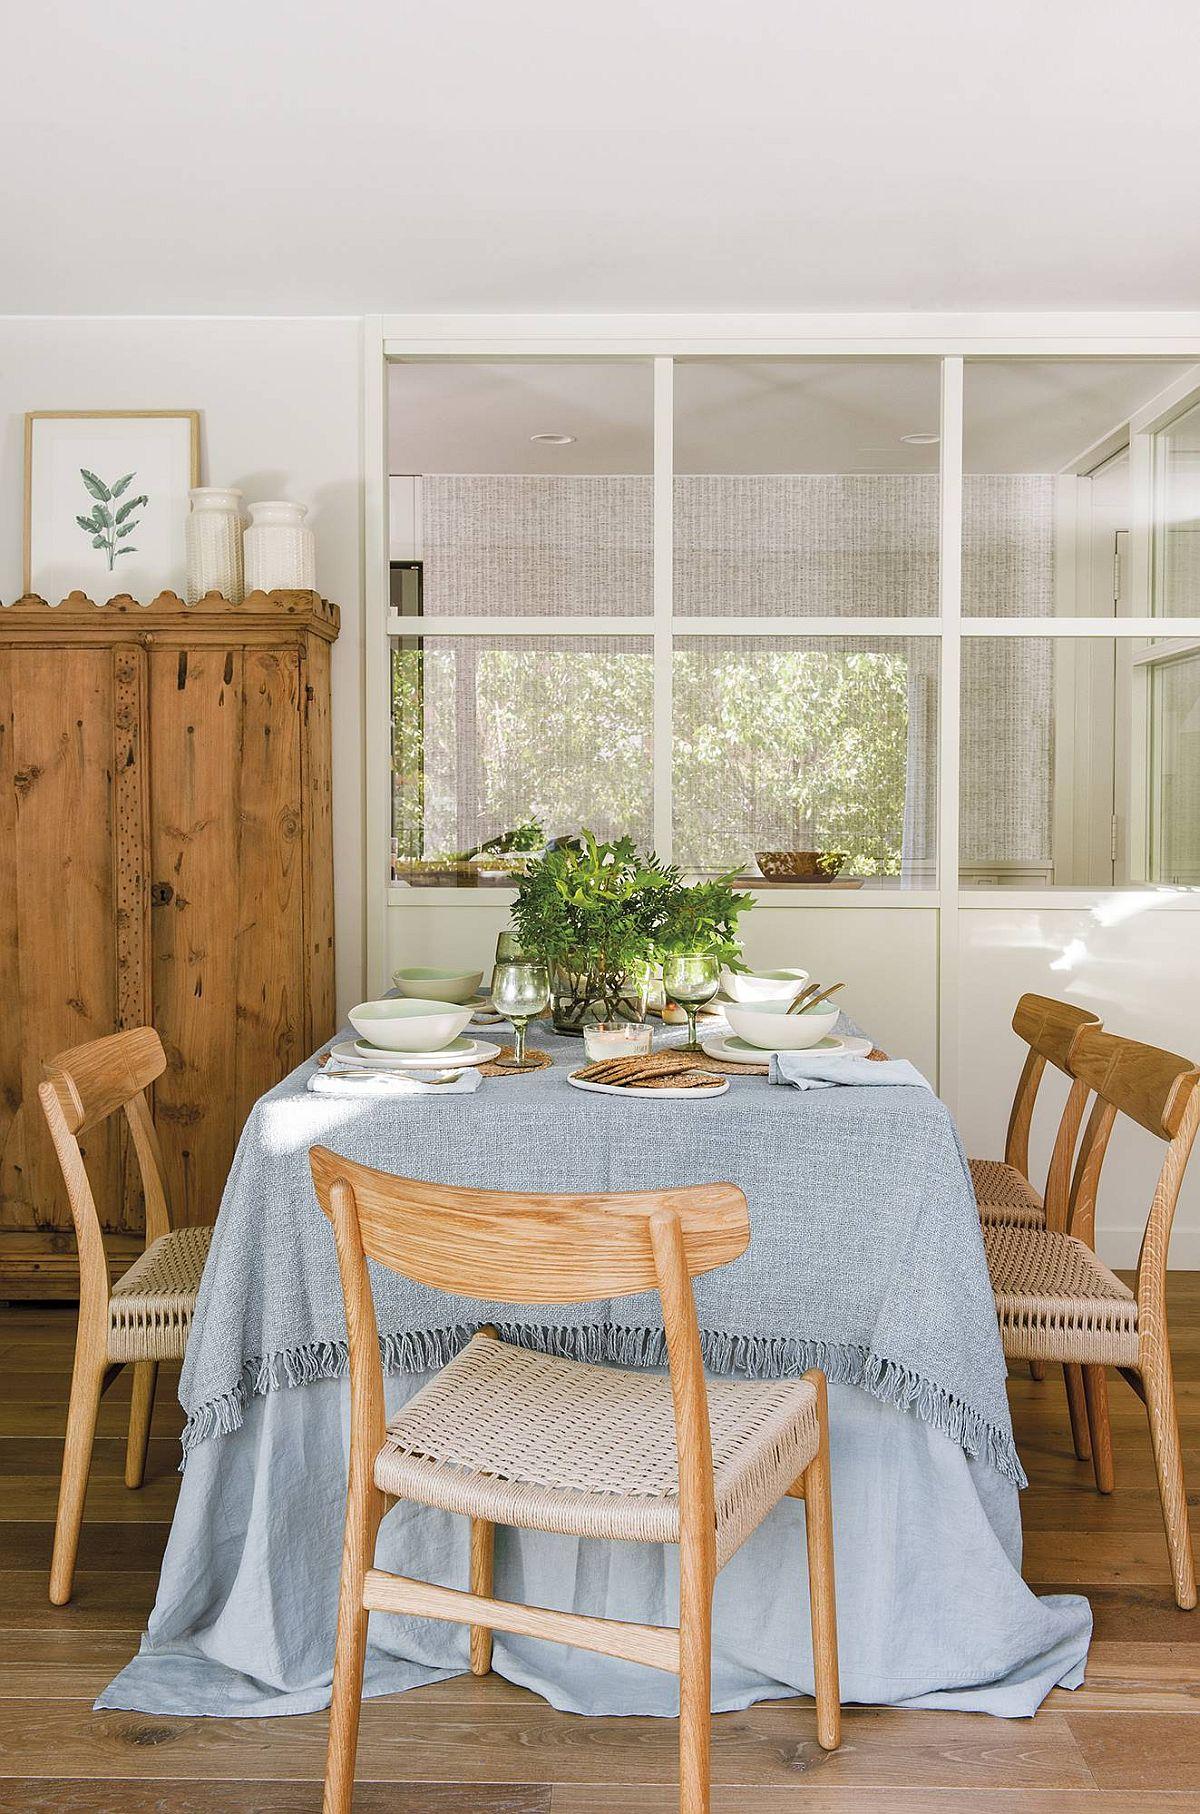 De partea cealaltă a tâmplăriei ce separă locul de luat masa din bucătărie, în living a fost așezată masa de sufragerie. O continuare logică, dar și funcțională pentru un spațiu în care s-au dorit foarte multe piese de mobilier. Accentele rustice sunt evidente la nivelul mobilierului, dar pentru a mai atenua caracterul rustic, masa a fost îmbrăcată cu o față de masă prin care se aduce un strop de culoare la interior.